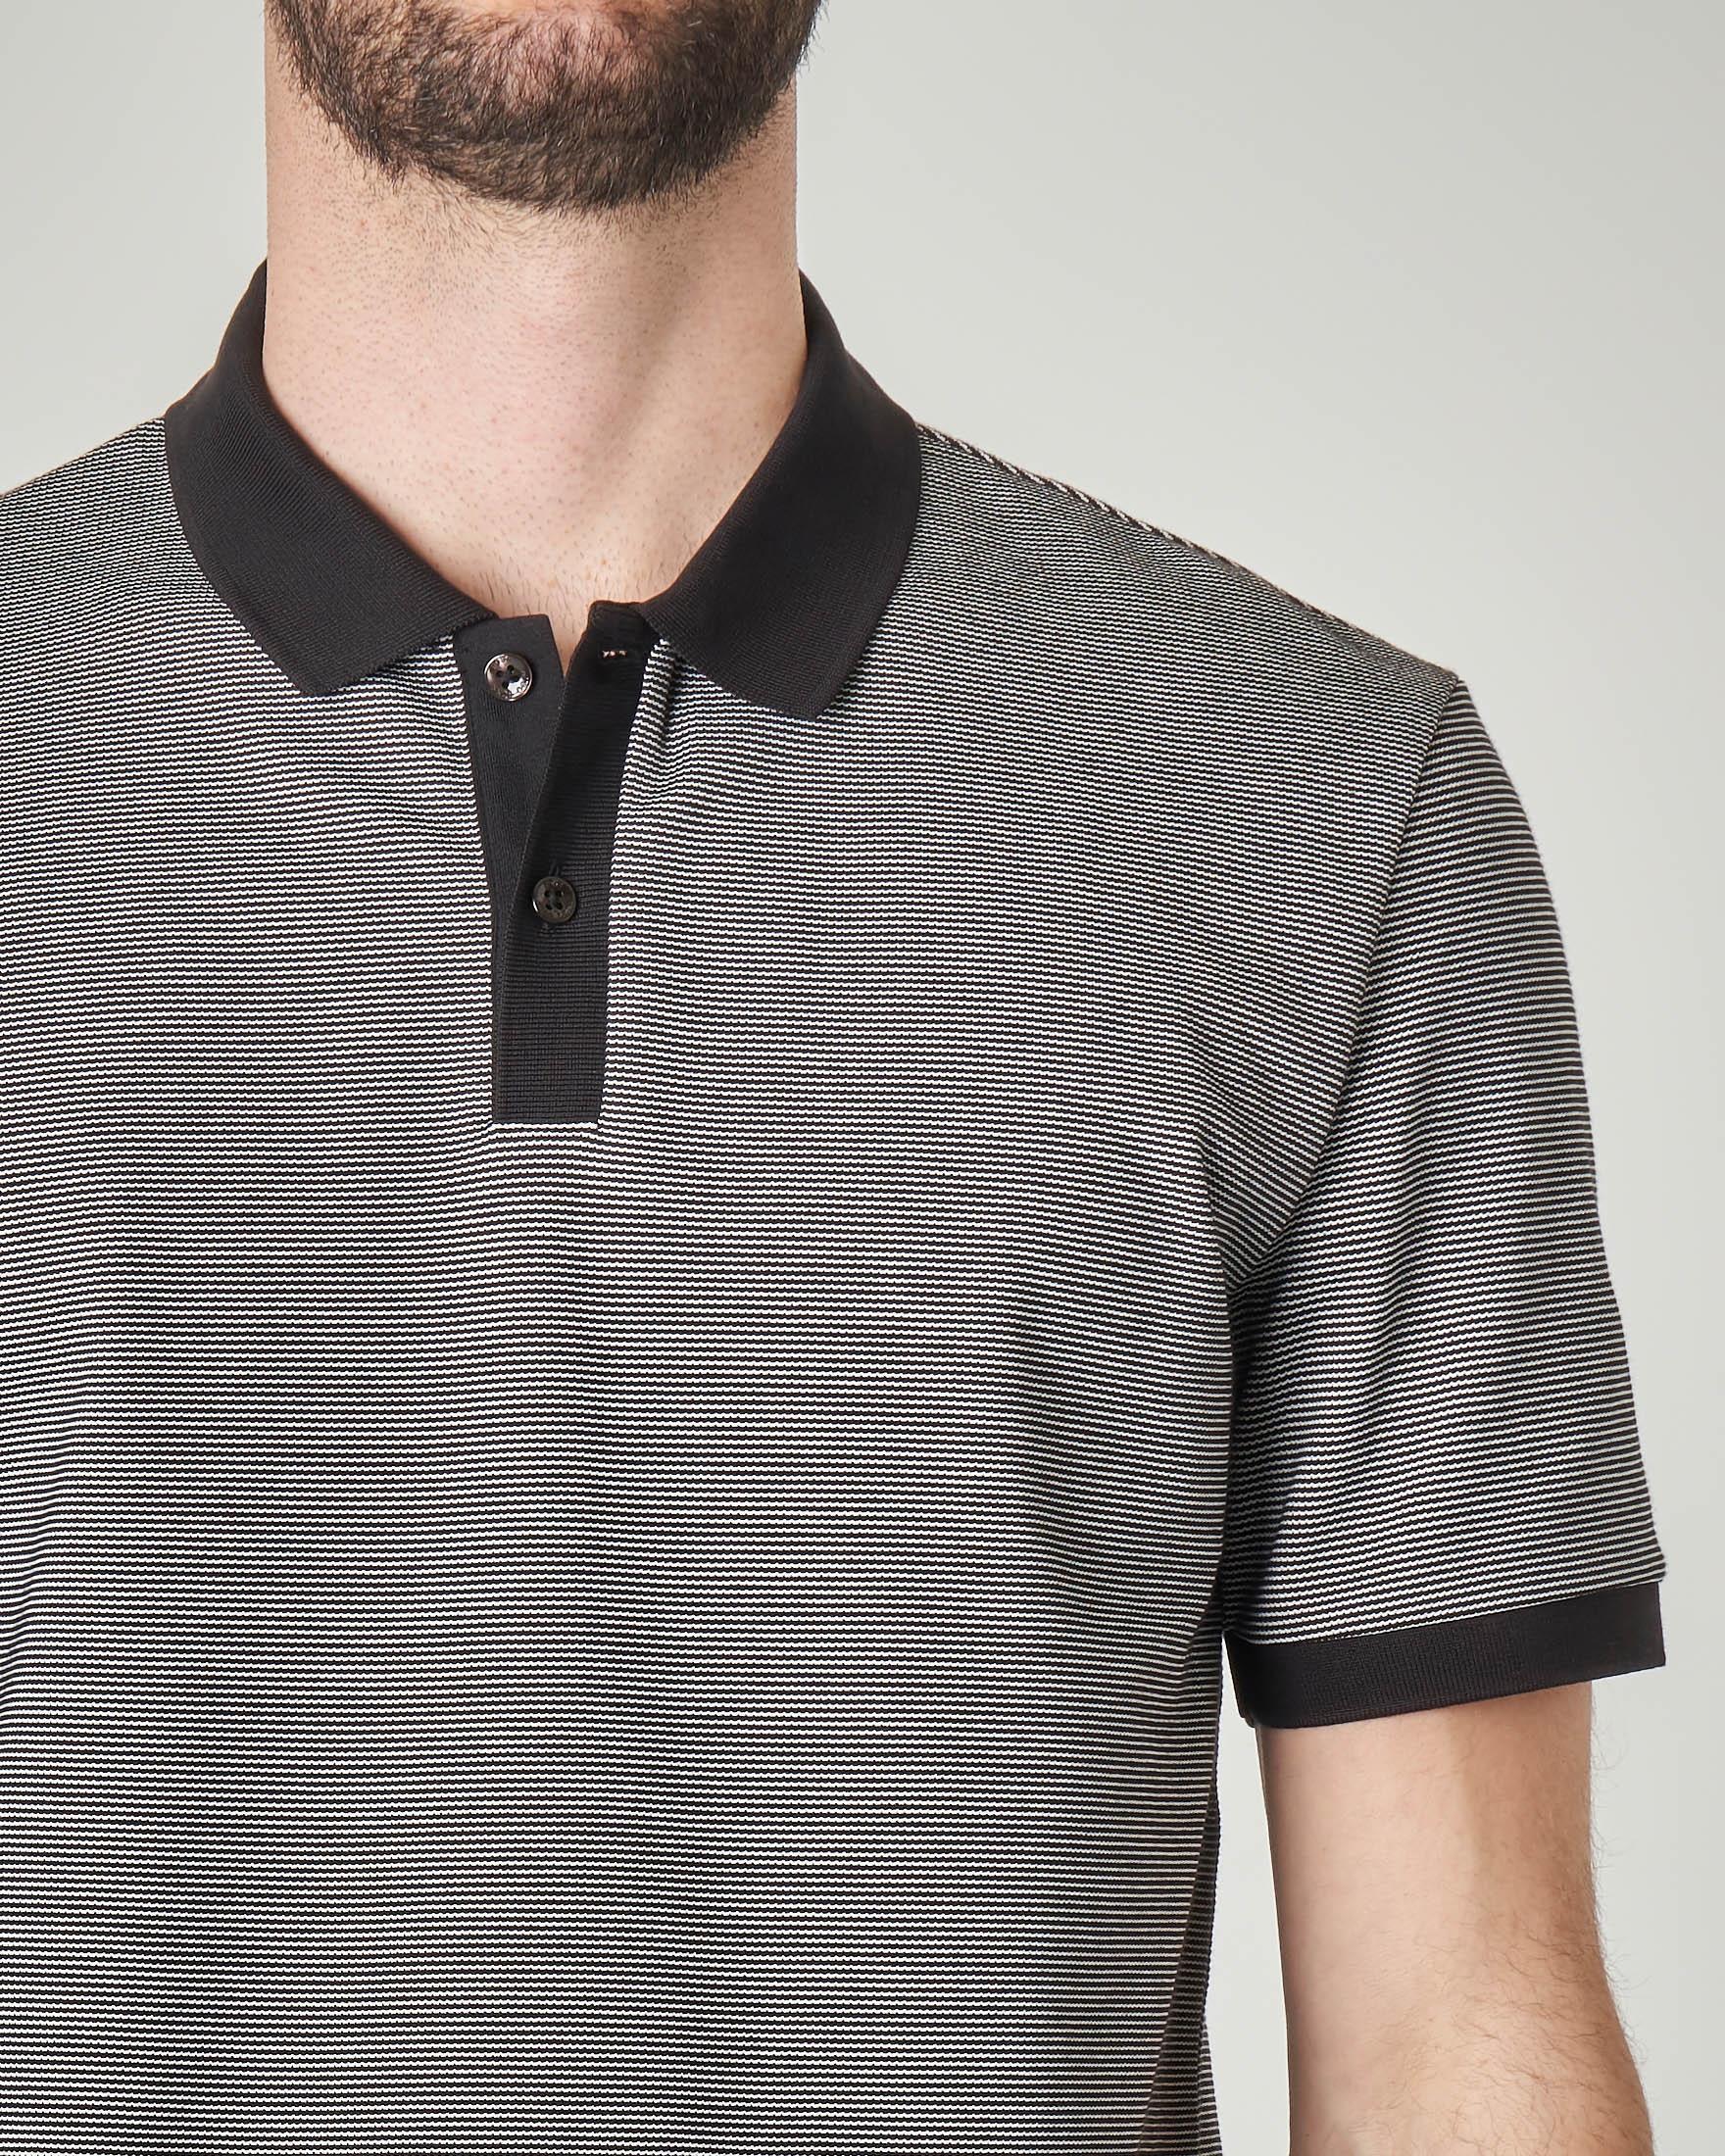 Polo nera micro-fantasia con collo, falsino e bordo maniche in contrasto